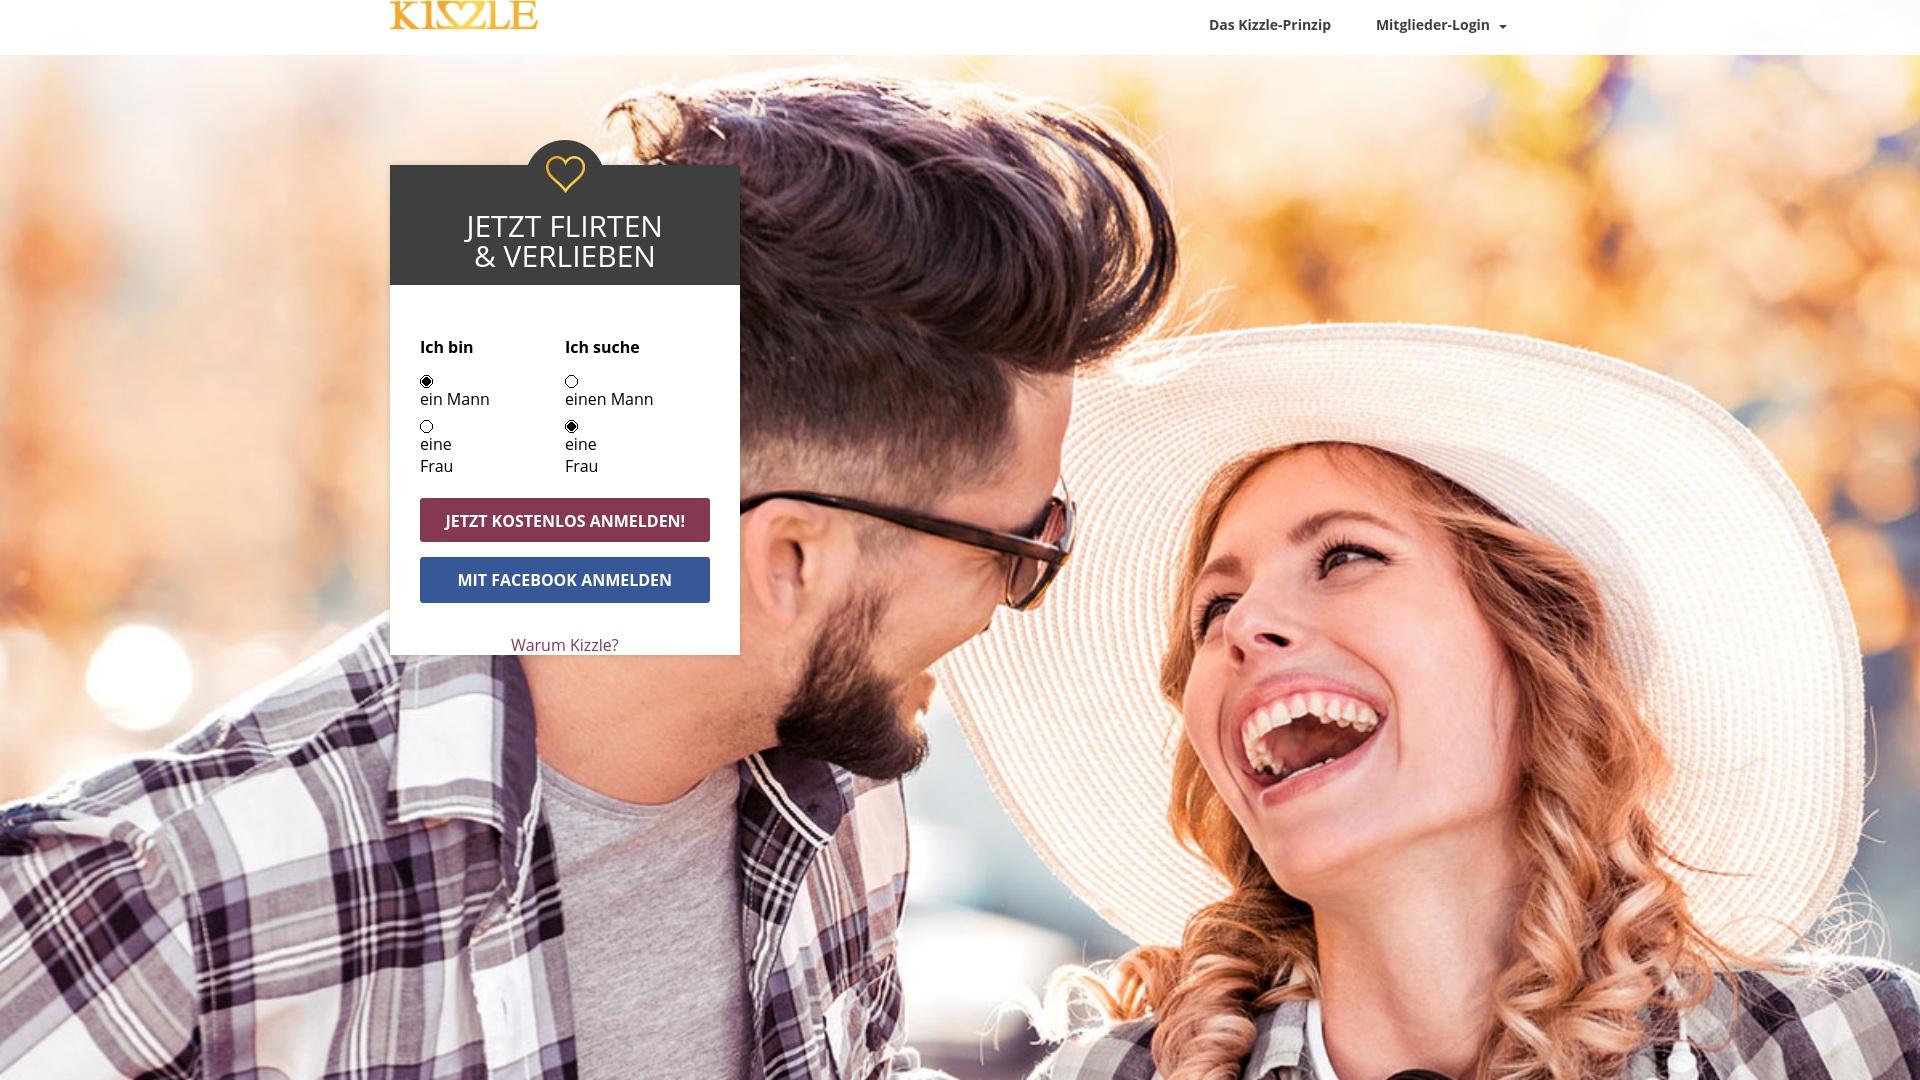 Geld zurück bei Kizzle: Jetzt im Oktober 2021 Cashback für Kizzle sichern